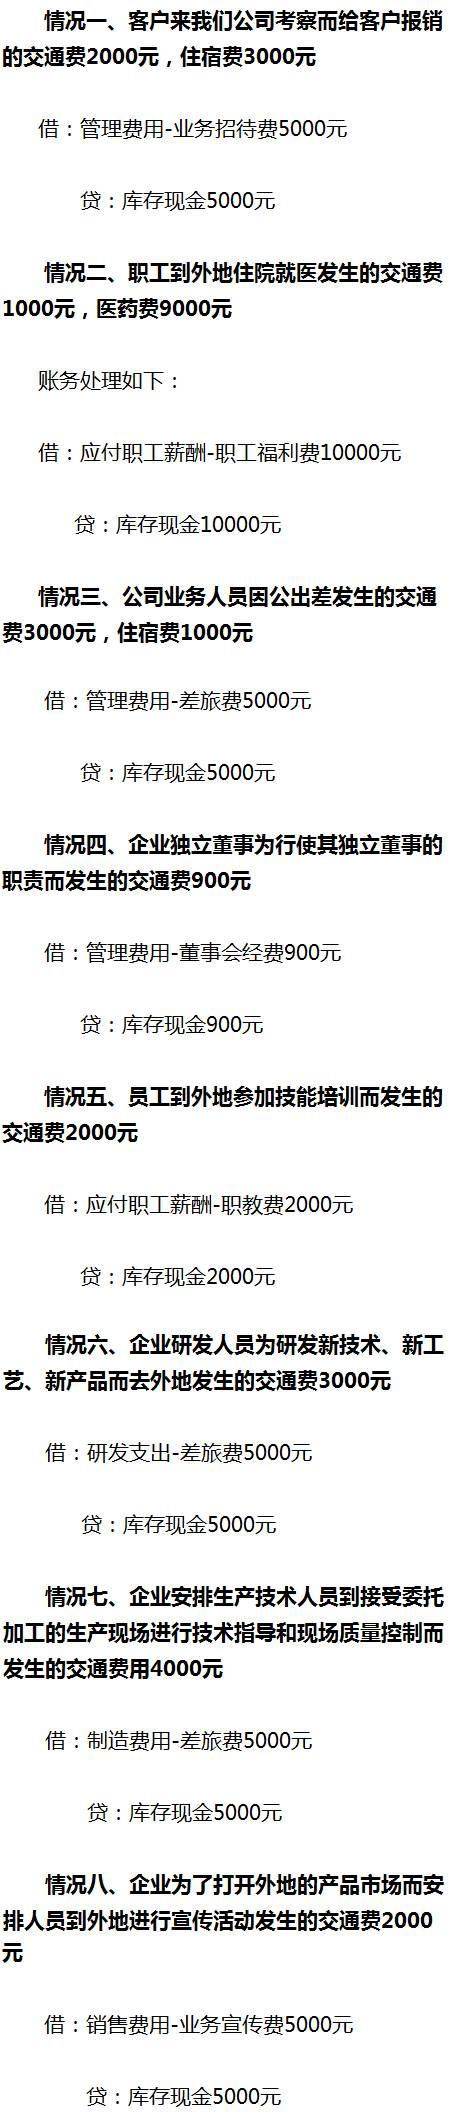 【会计实务】注意:八种情况的交通费,账务处理不一样!